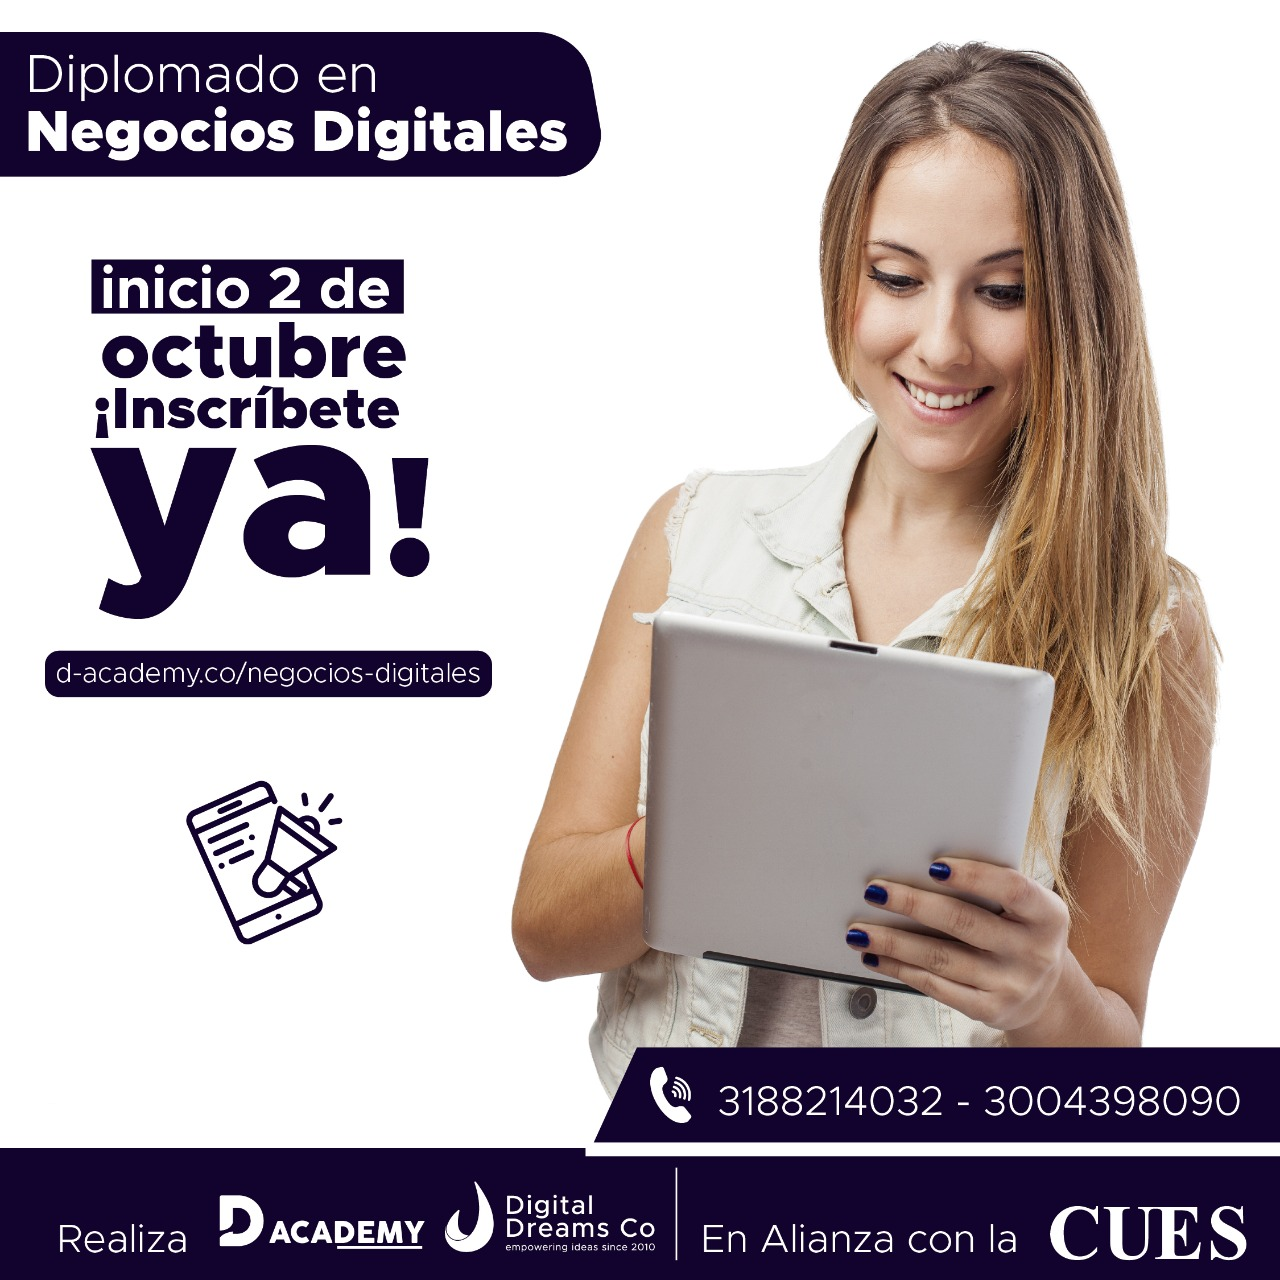 diplomado_necios_digitales